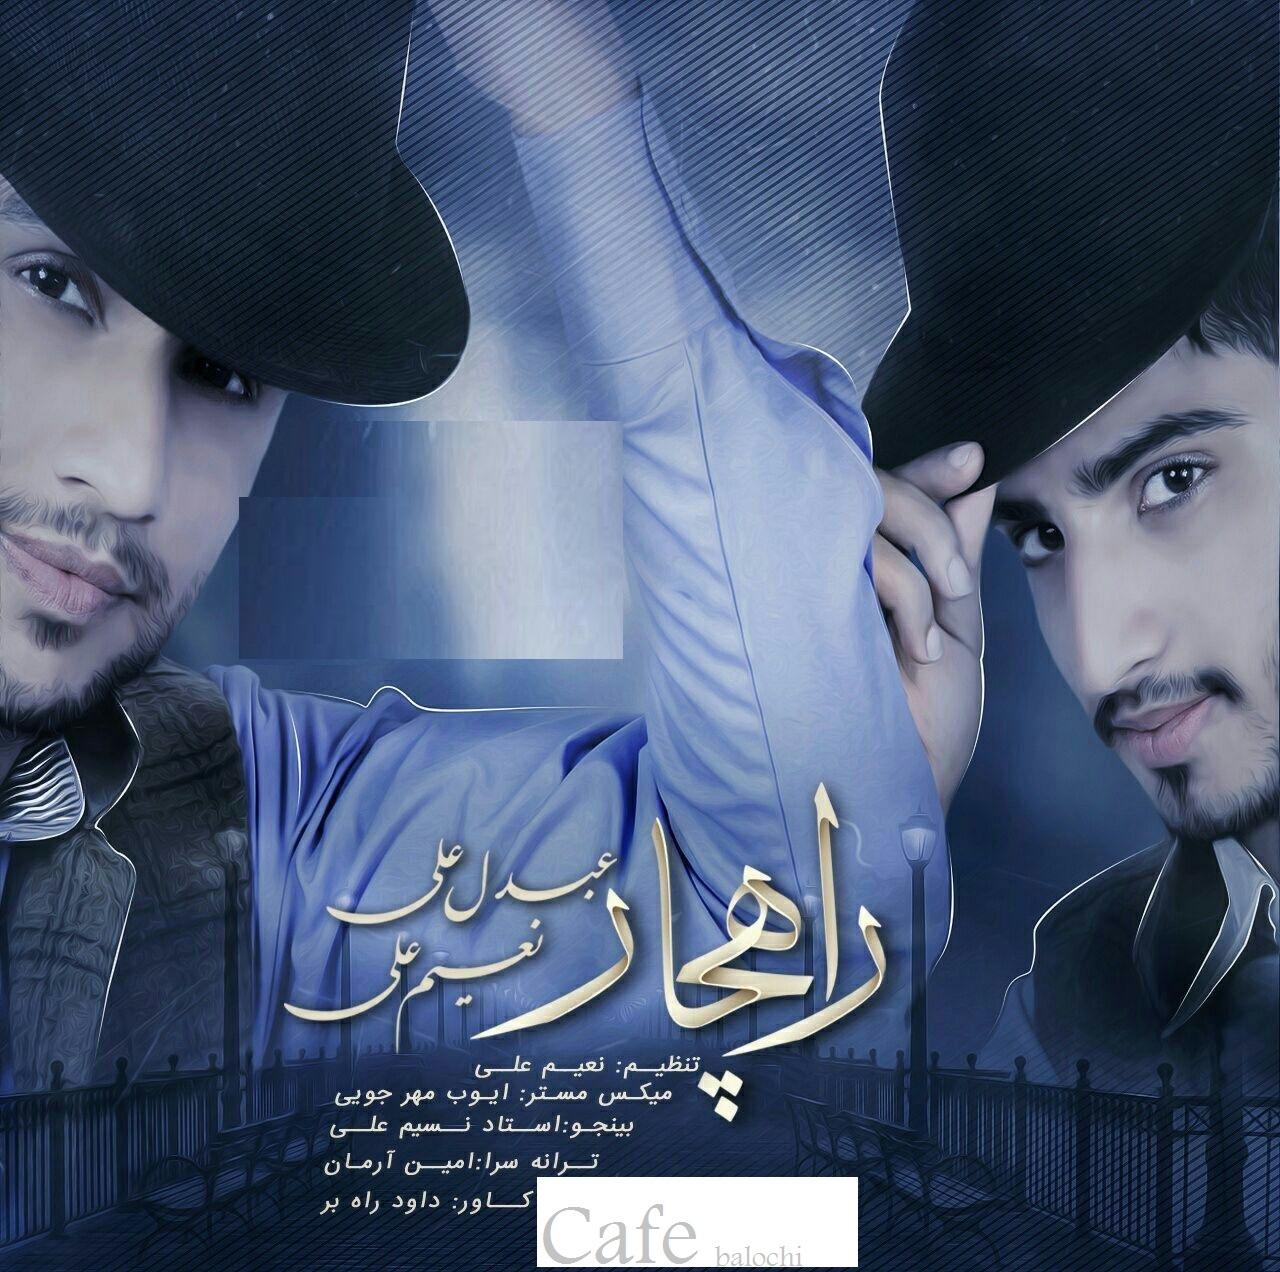 دانلود آهنگ راهچار از عبدل علی &نعیم علی